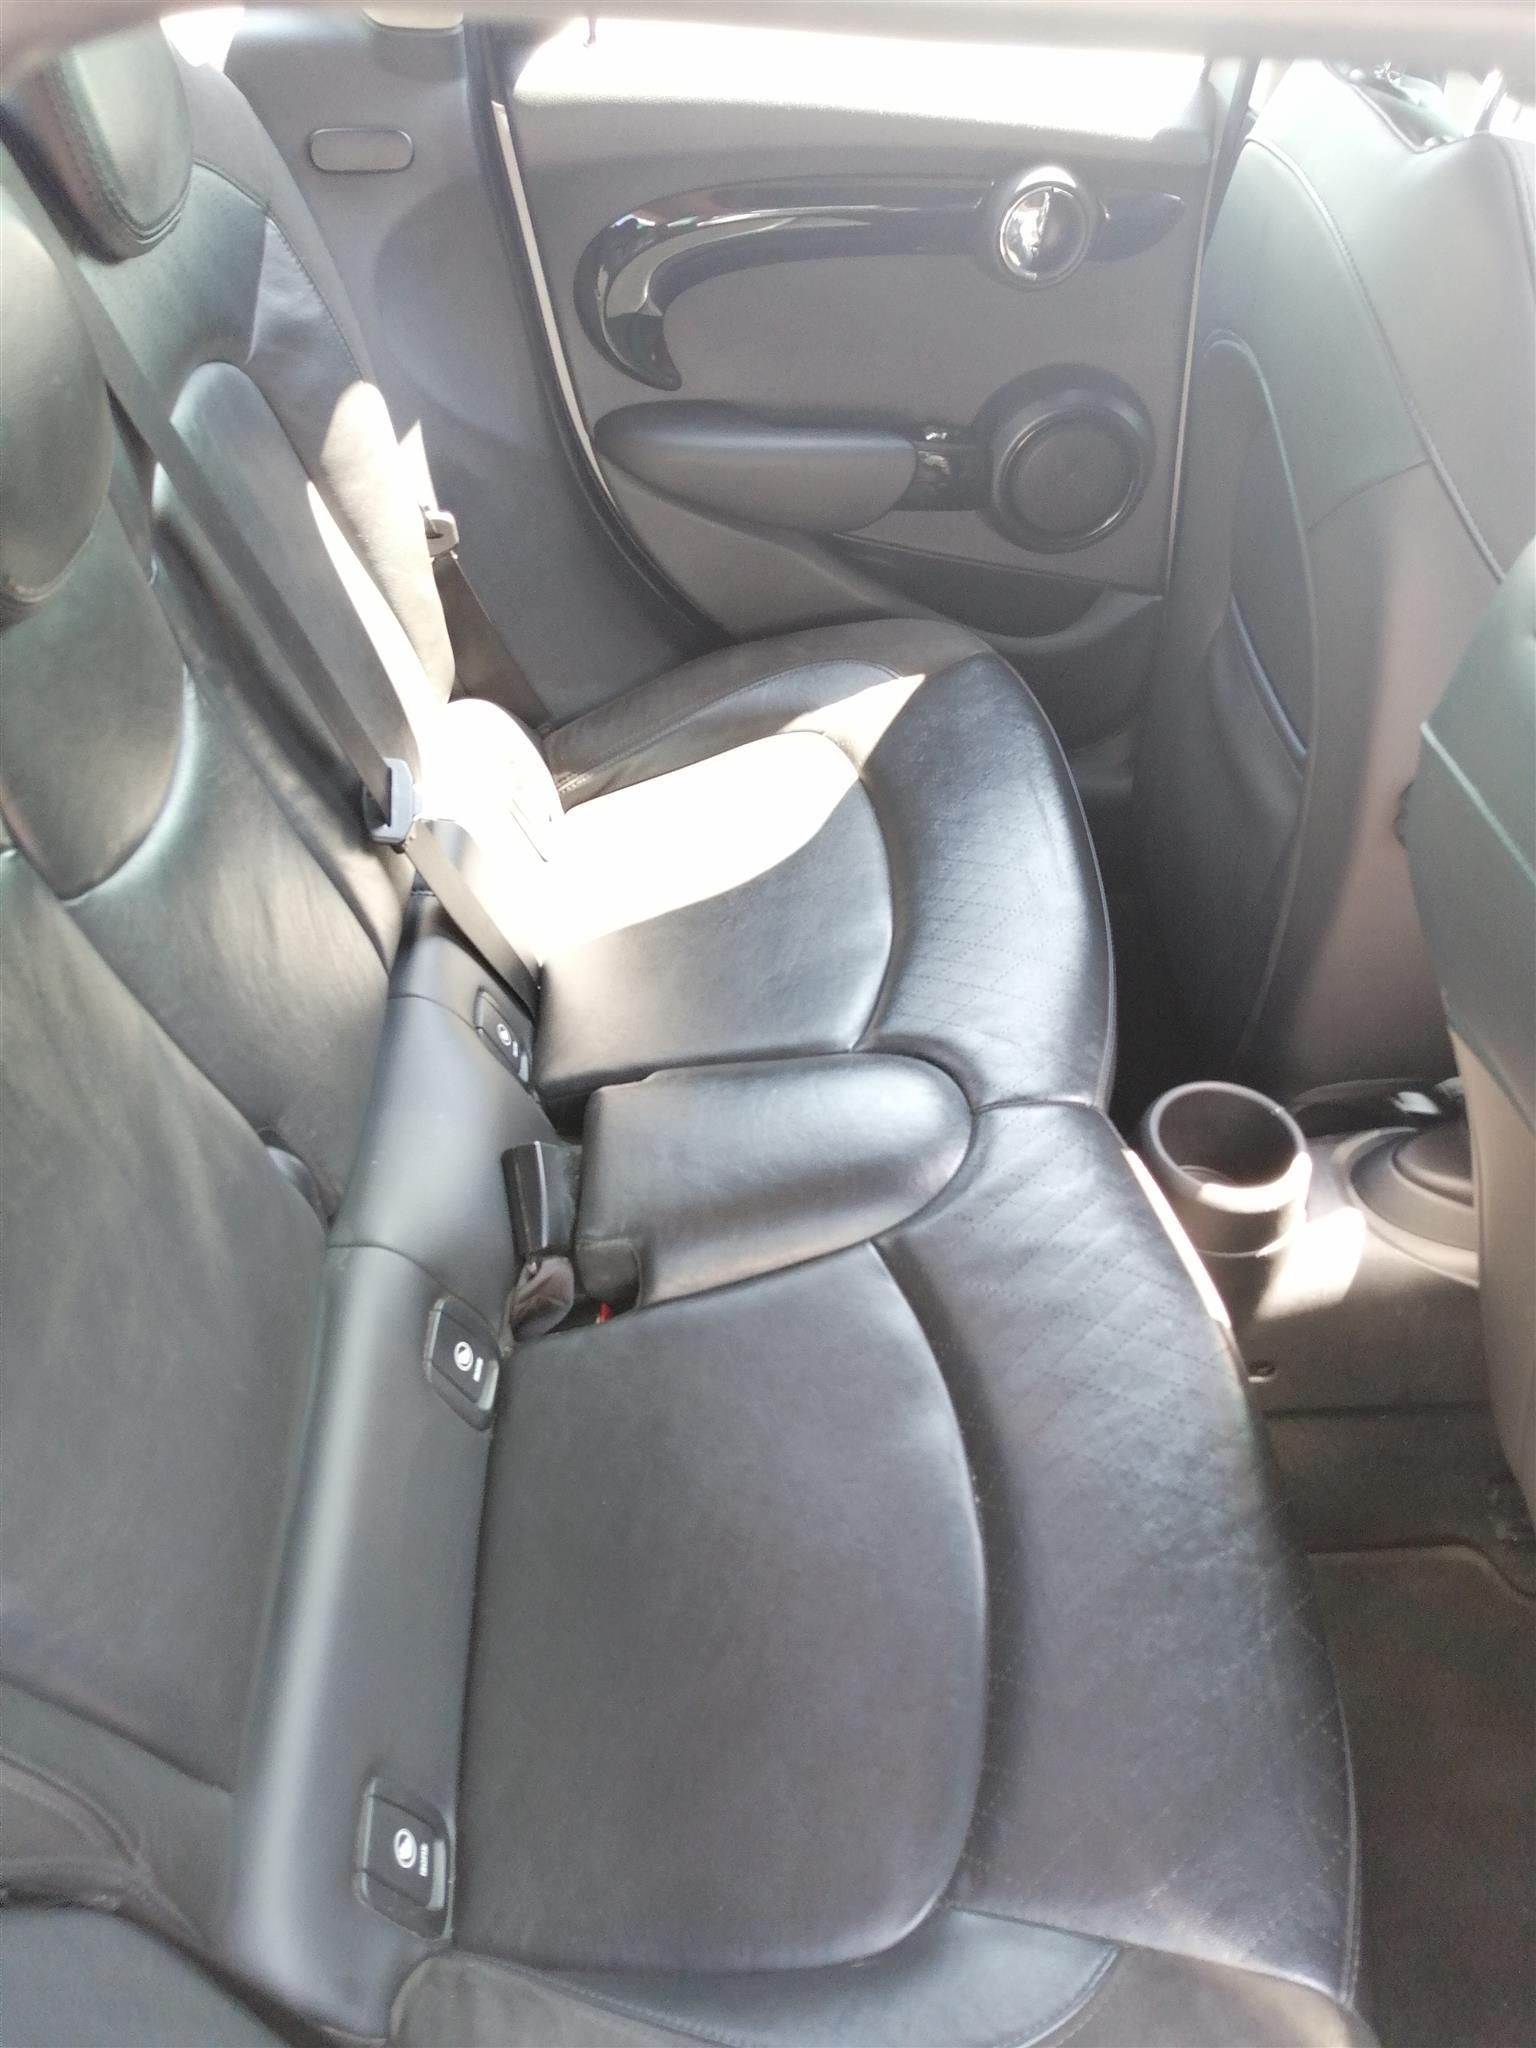 2017 Mini hatch Cooper S Hatch 5 door auto